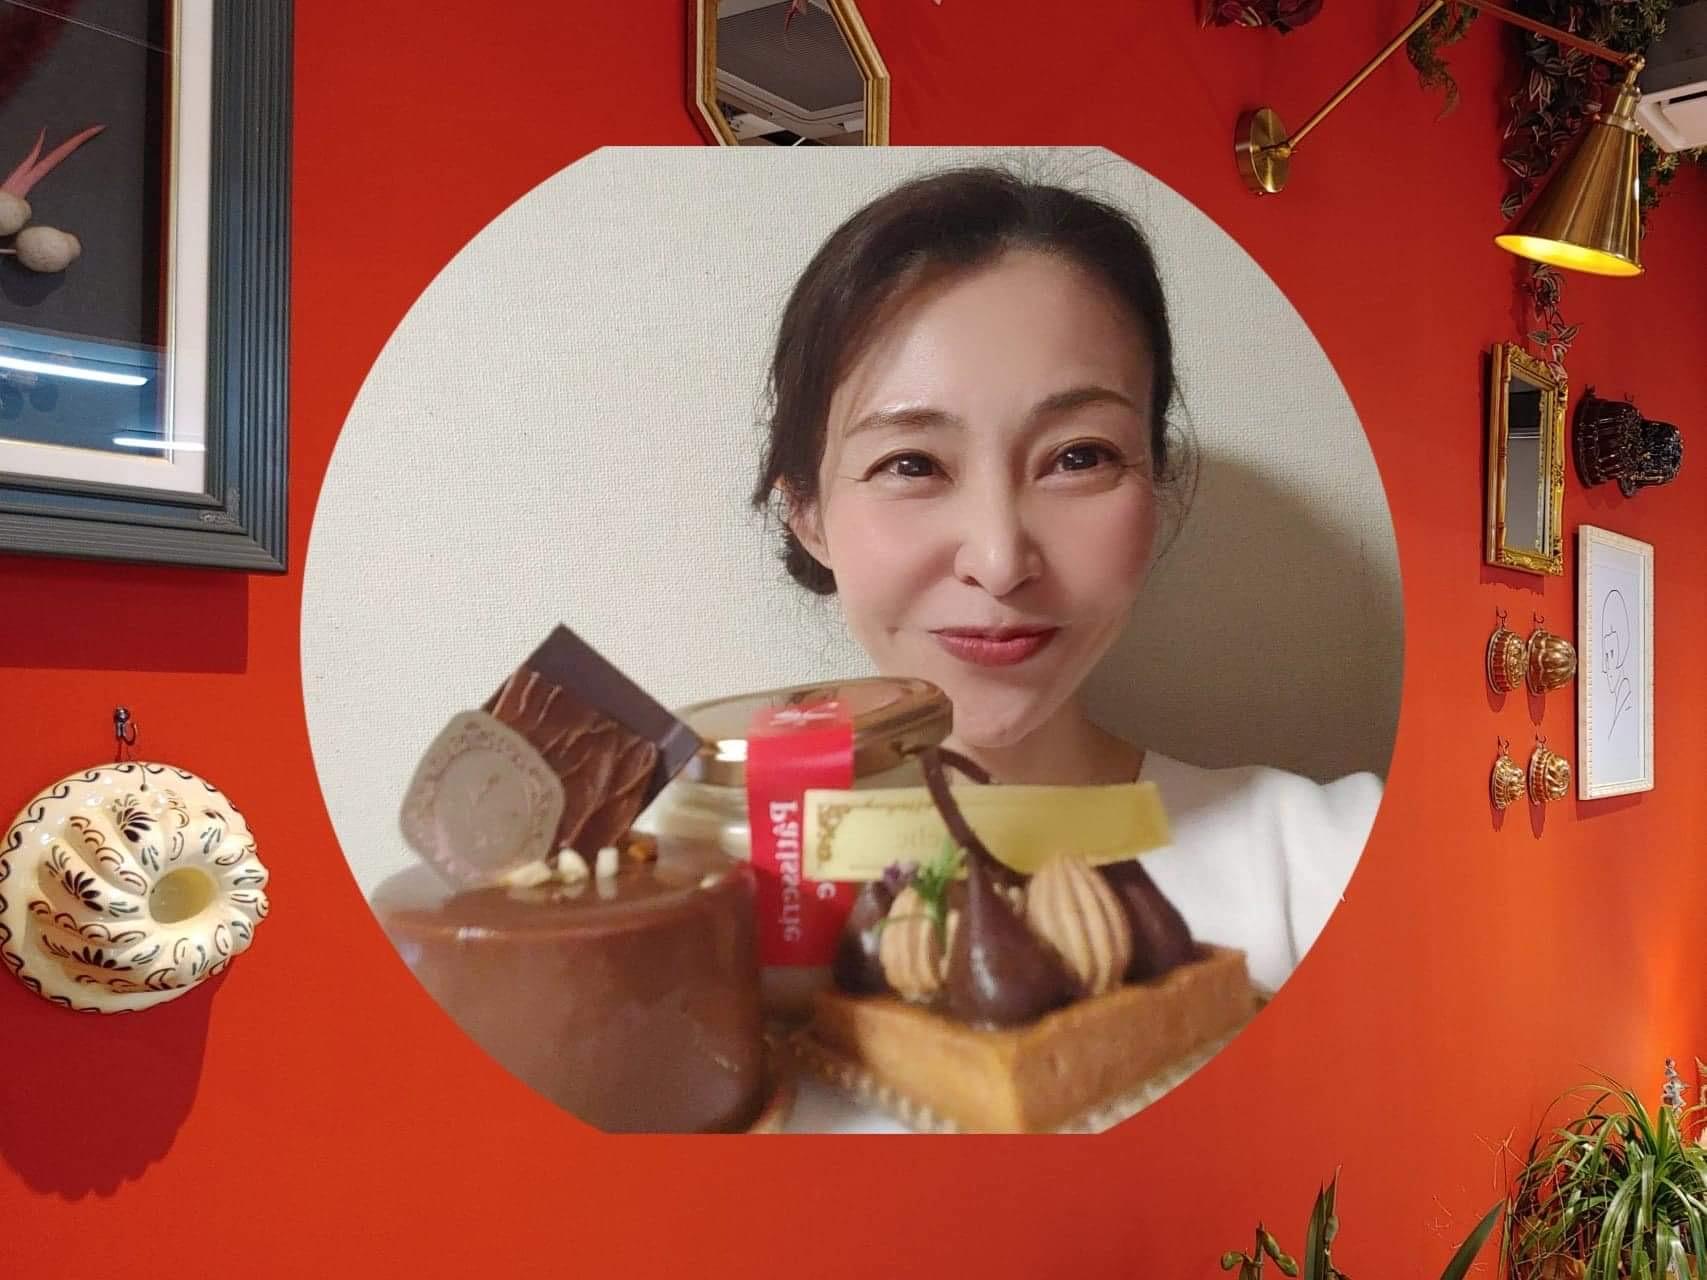 能登の食材を活かした洋菓子を!七尾で開店『パティスリーアメリ』【七尾市】